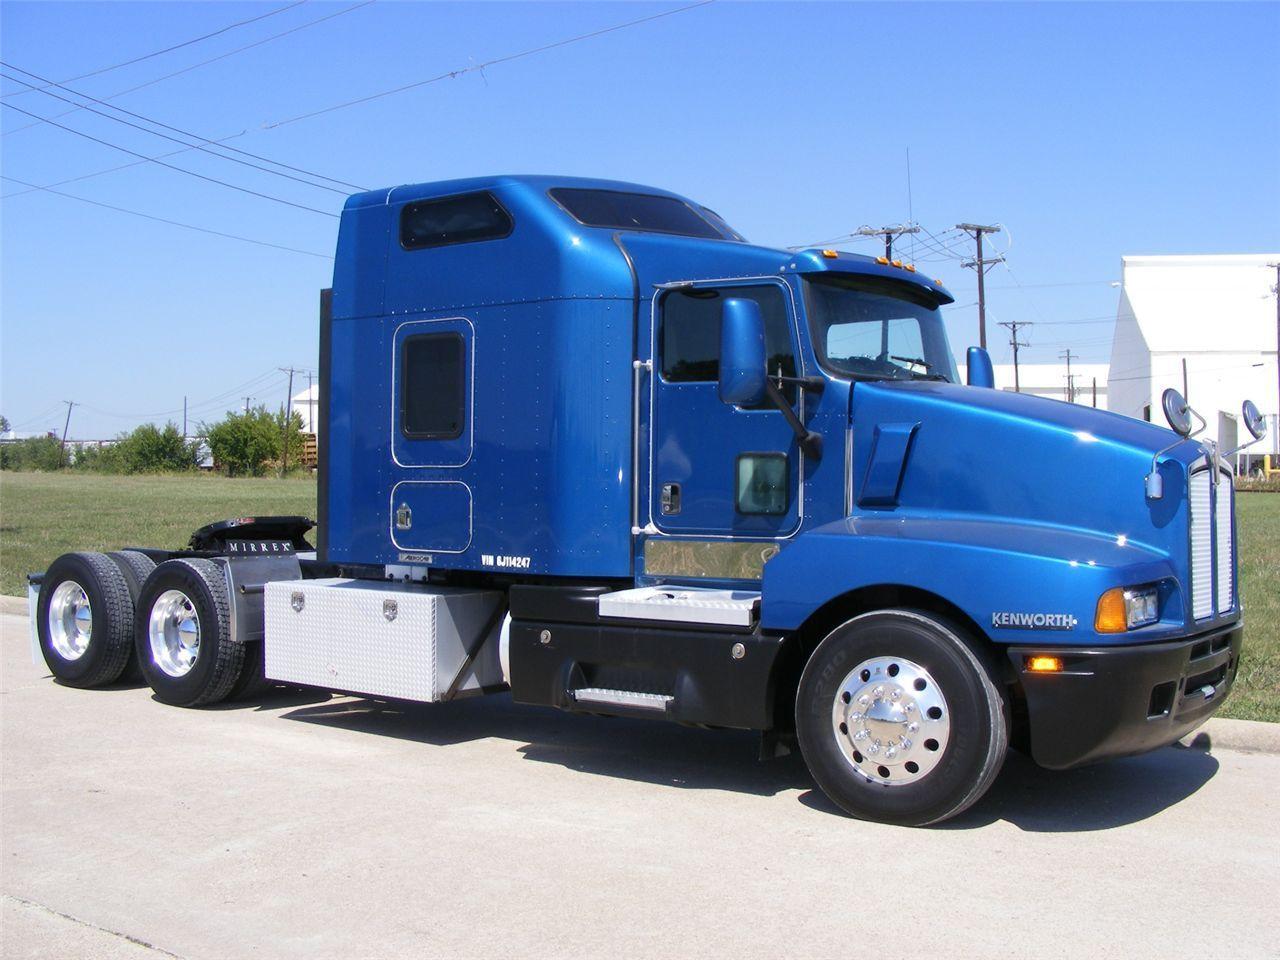 Kenworth t600 semi trucksbig